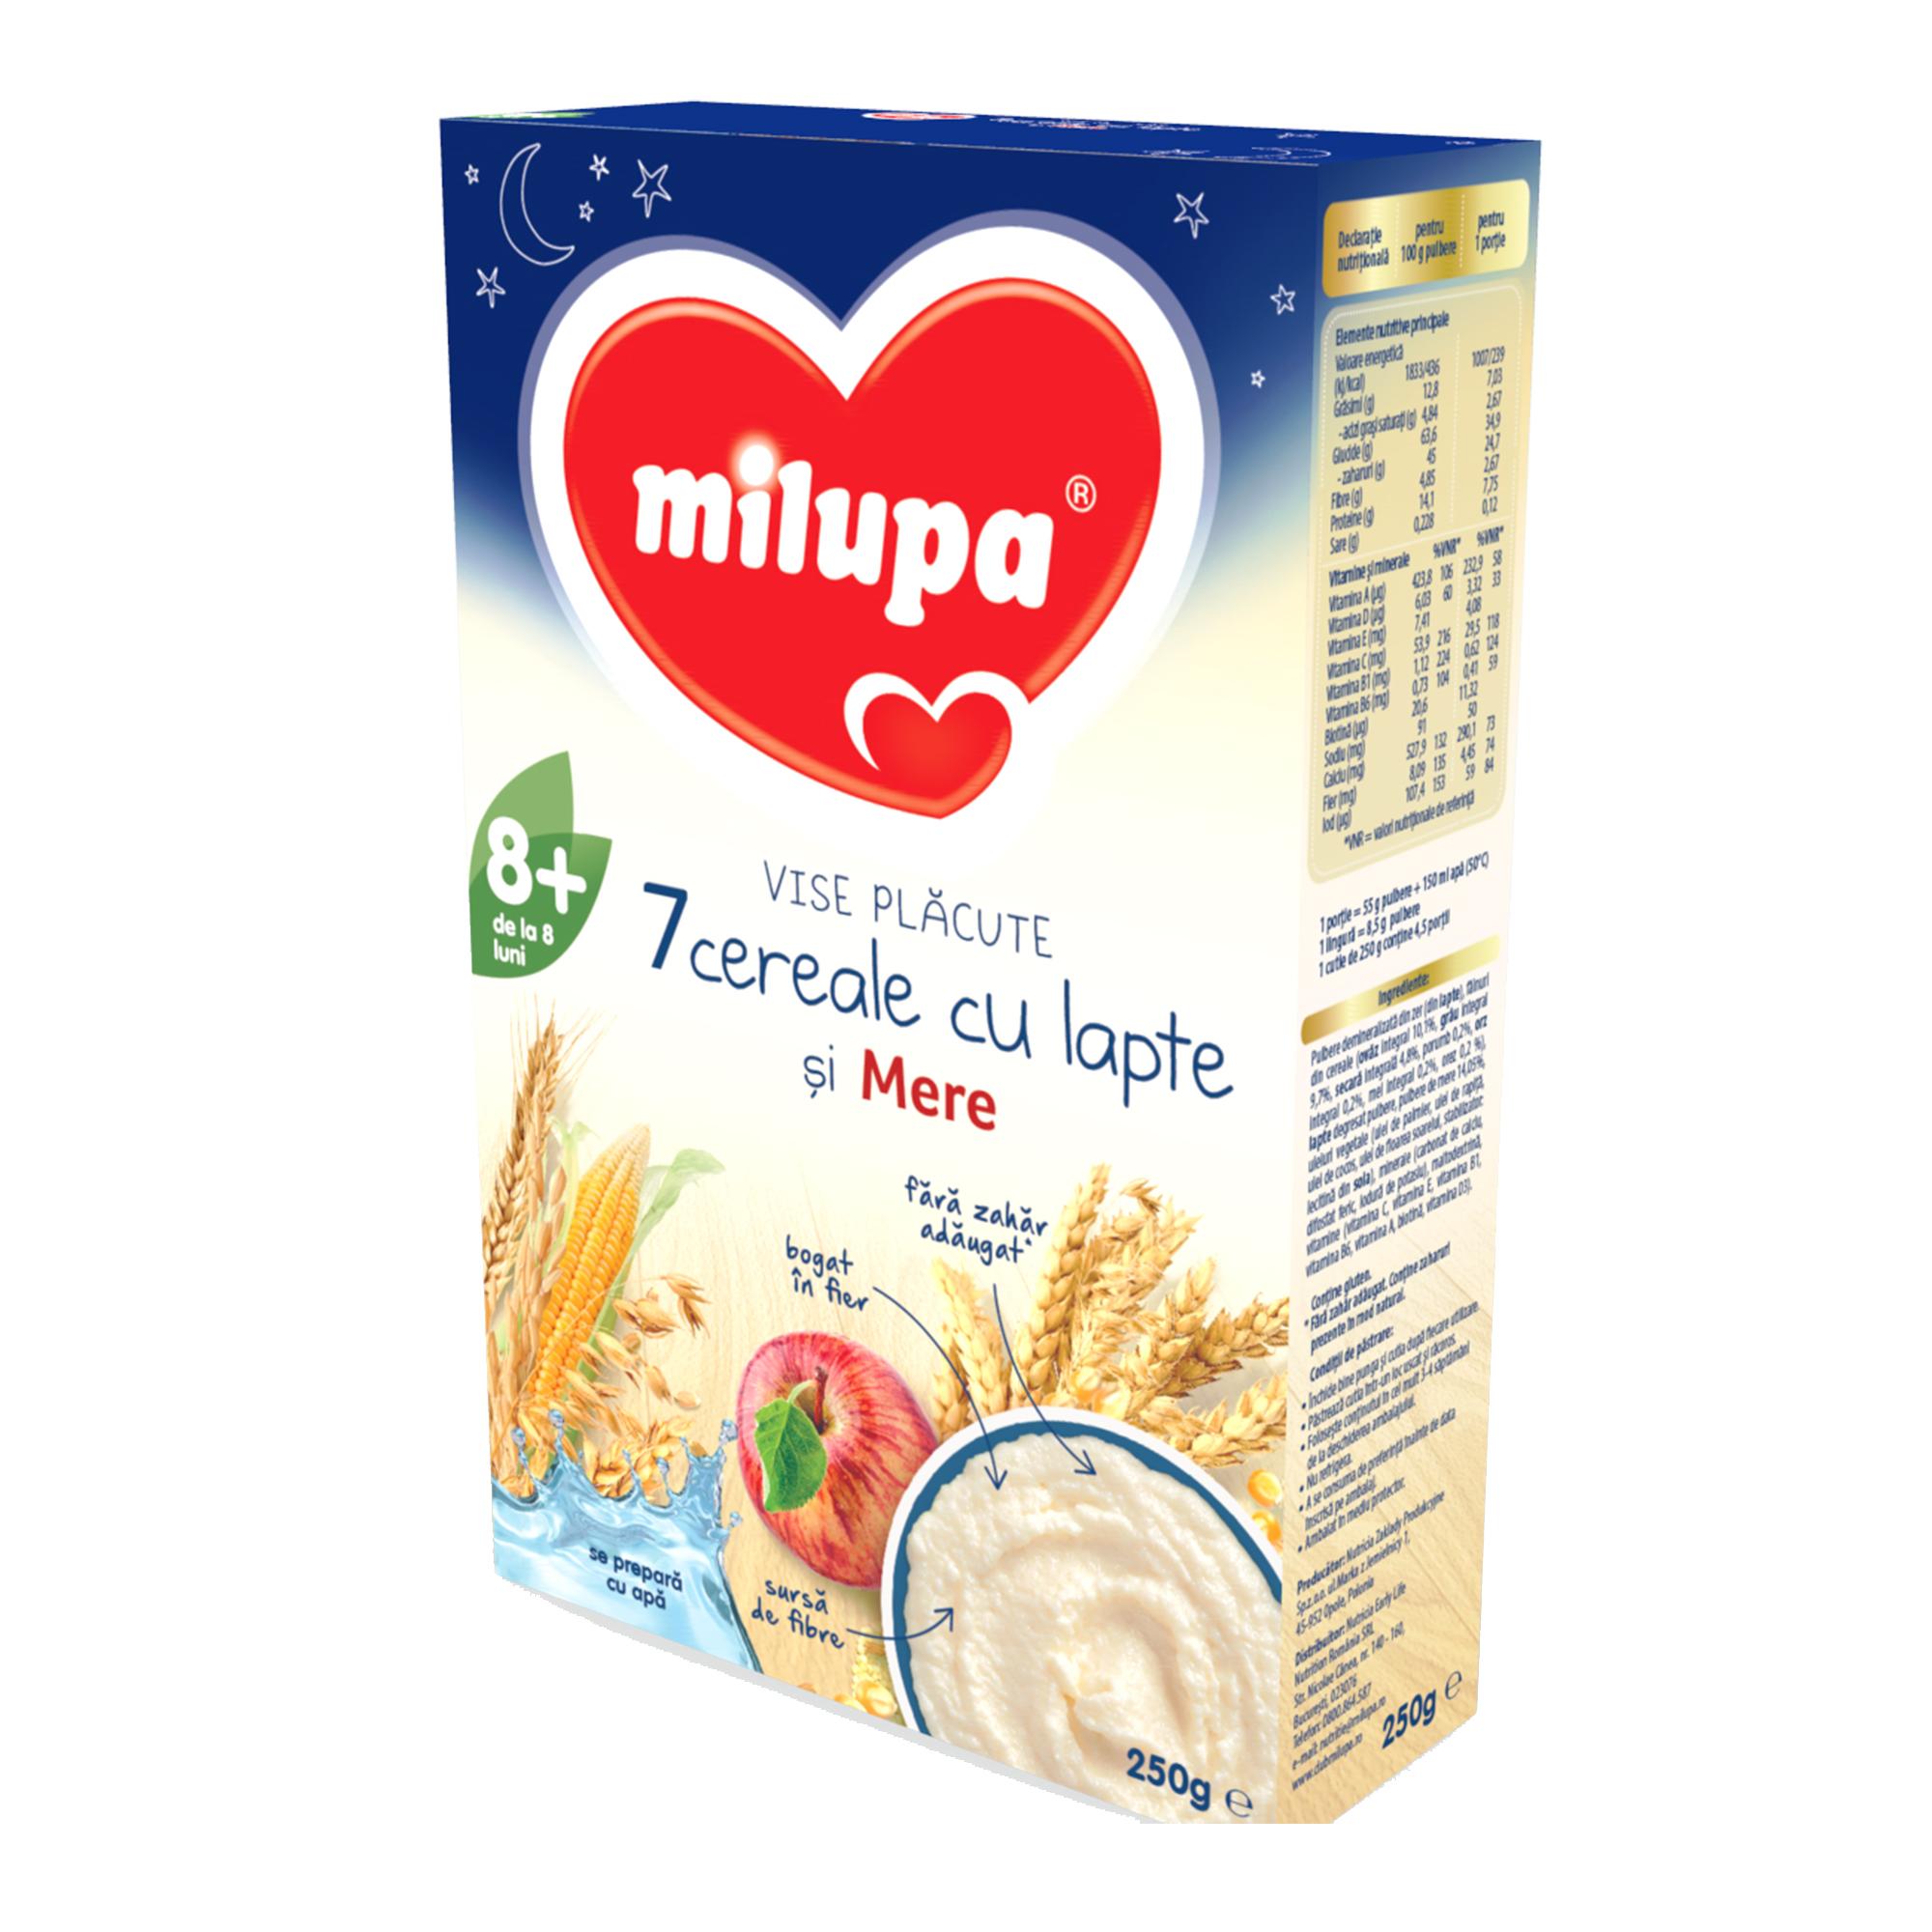 Cereale cu lapte Milupa, Vise Placute 7 Cereale cu lapte si mere, 250g, 8luni+